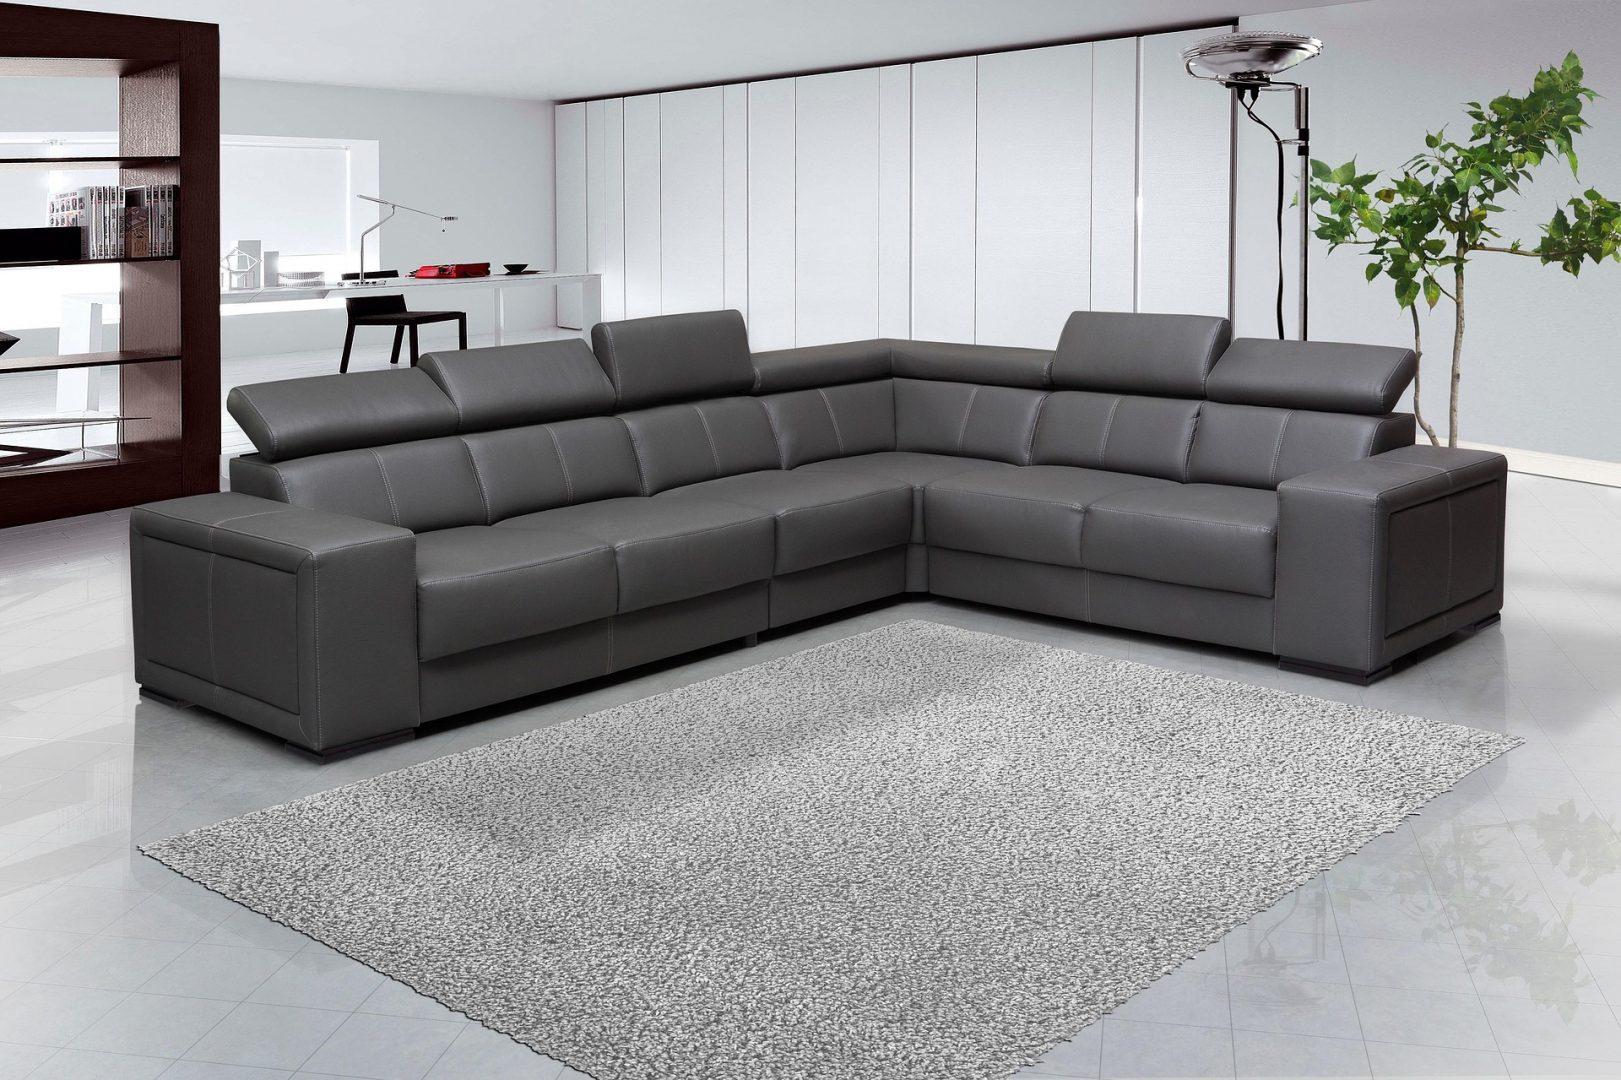 Nuevos trucos para limpiar un sofá de cuero